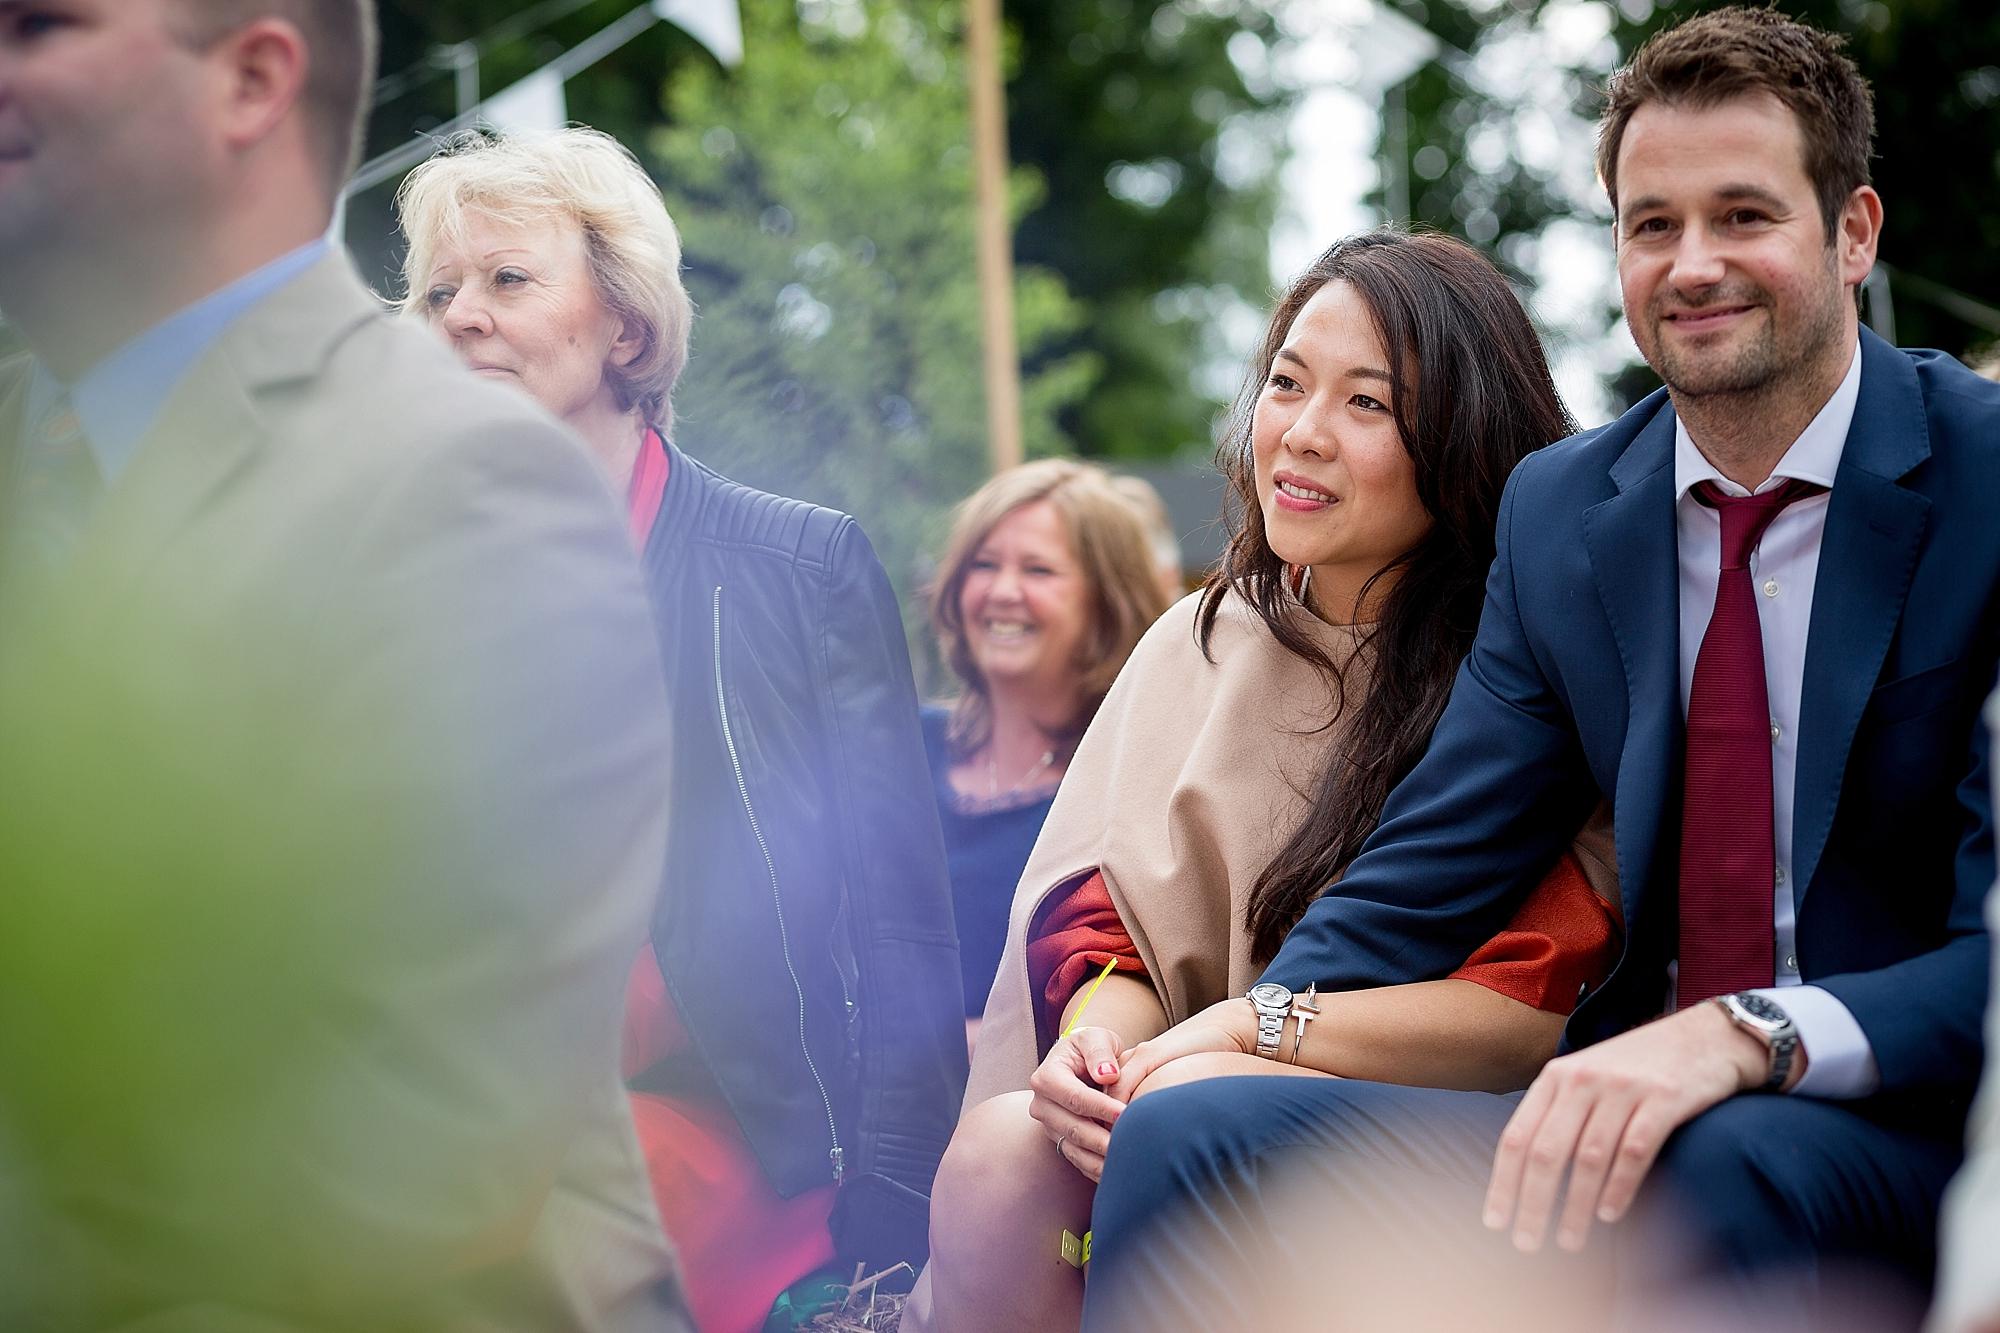 bruidsfotograaf-brabant-trouwen-in-het-bos-festivalbruiloft-vught-haaren_0090.jpg